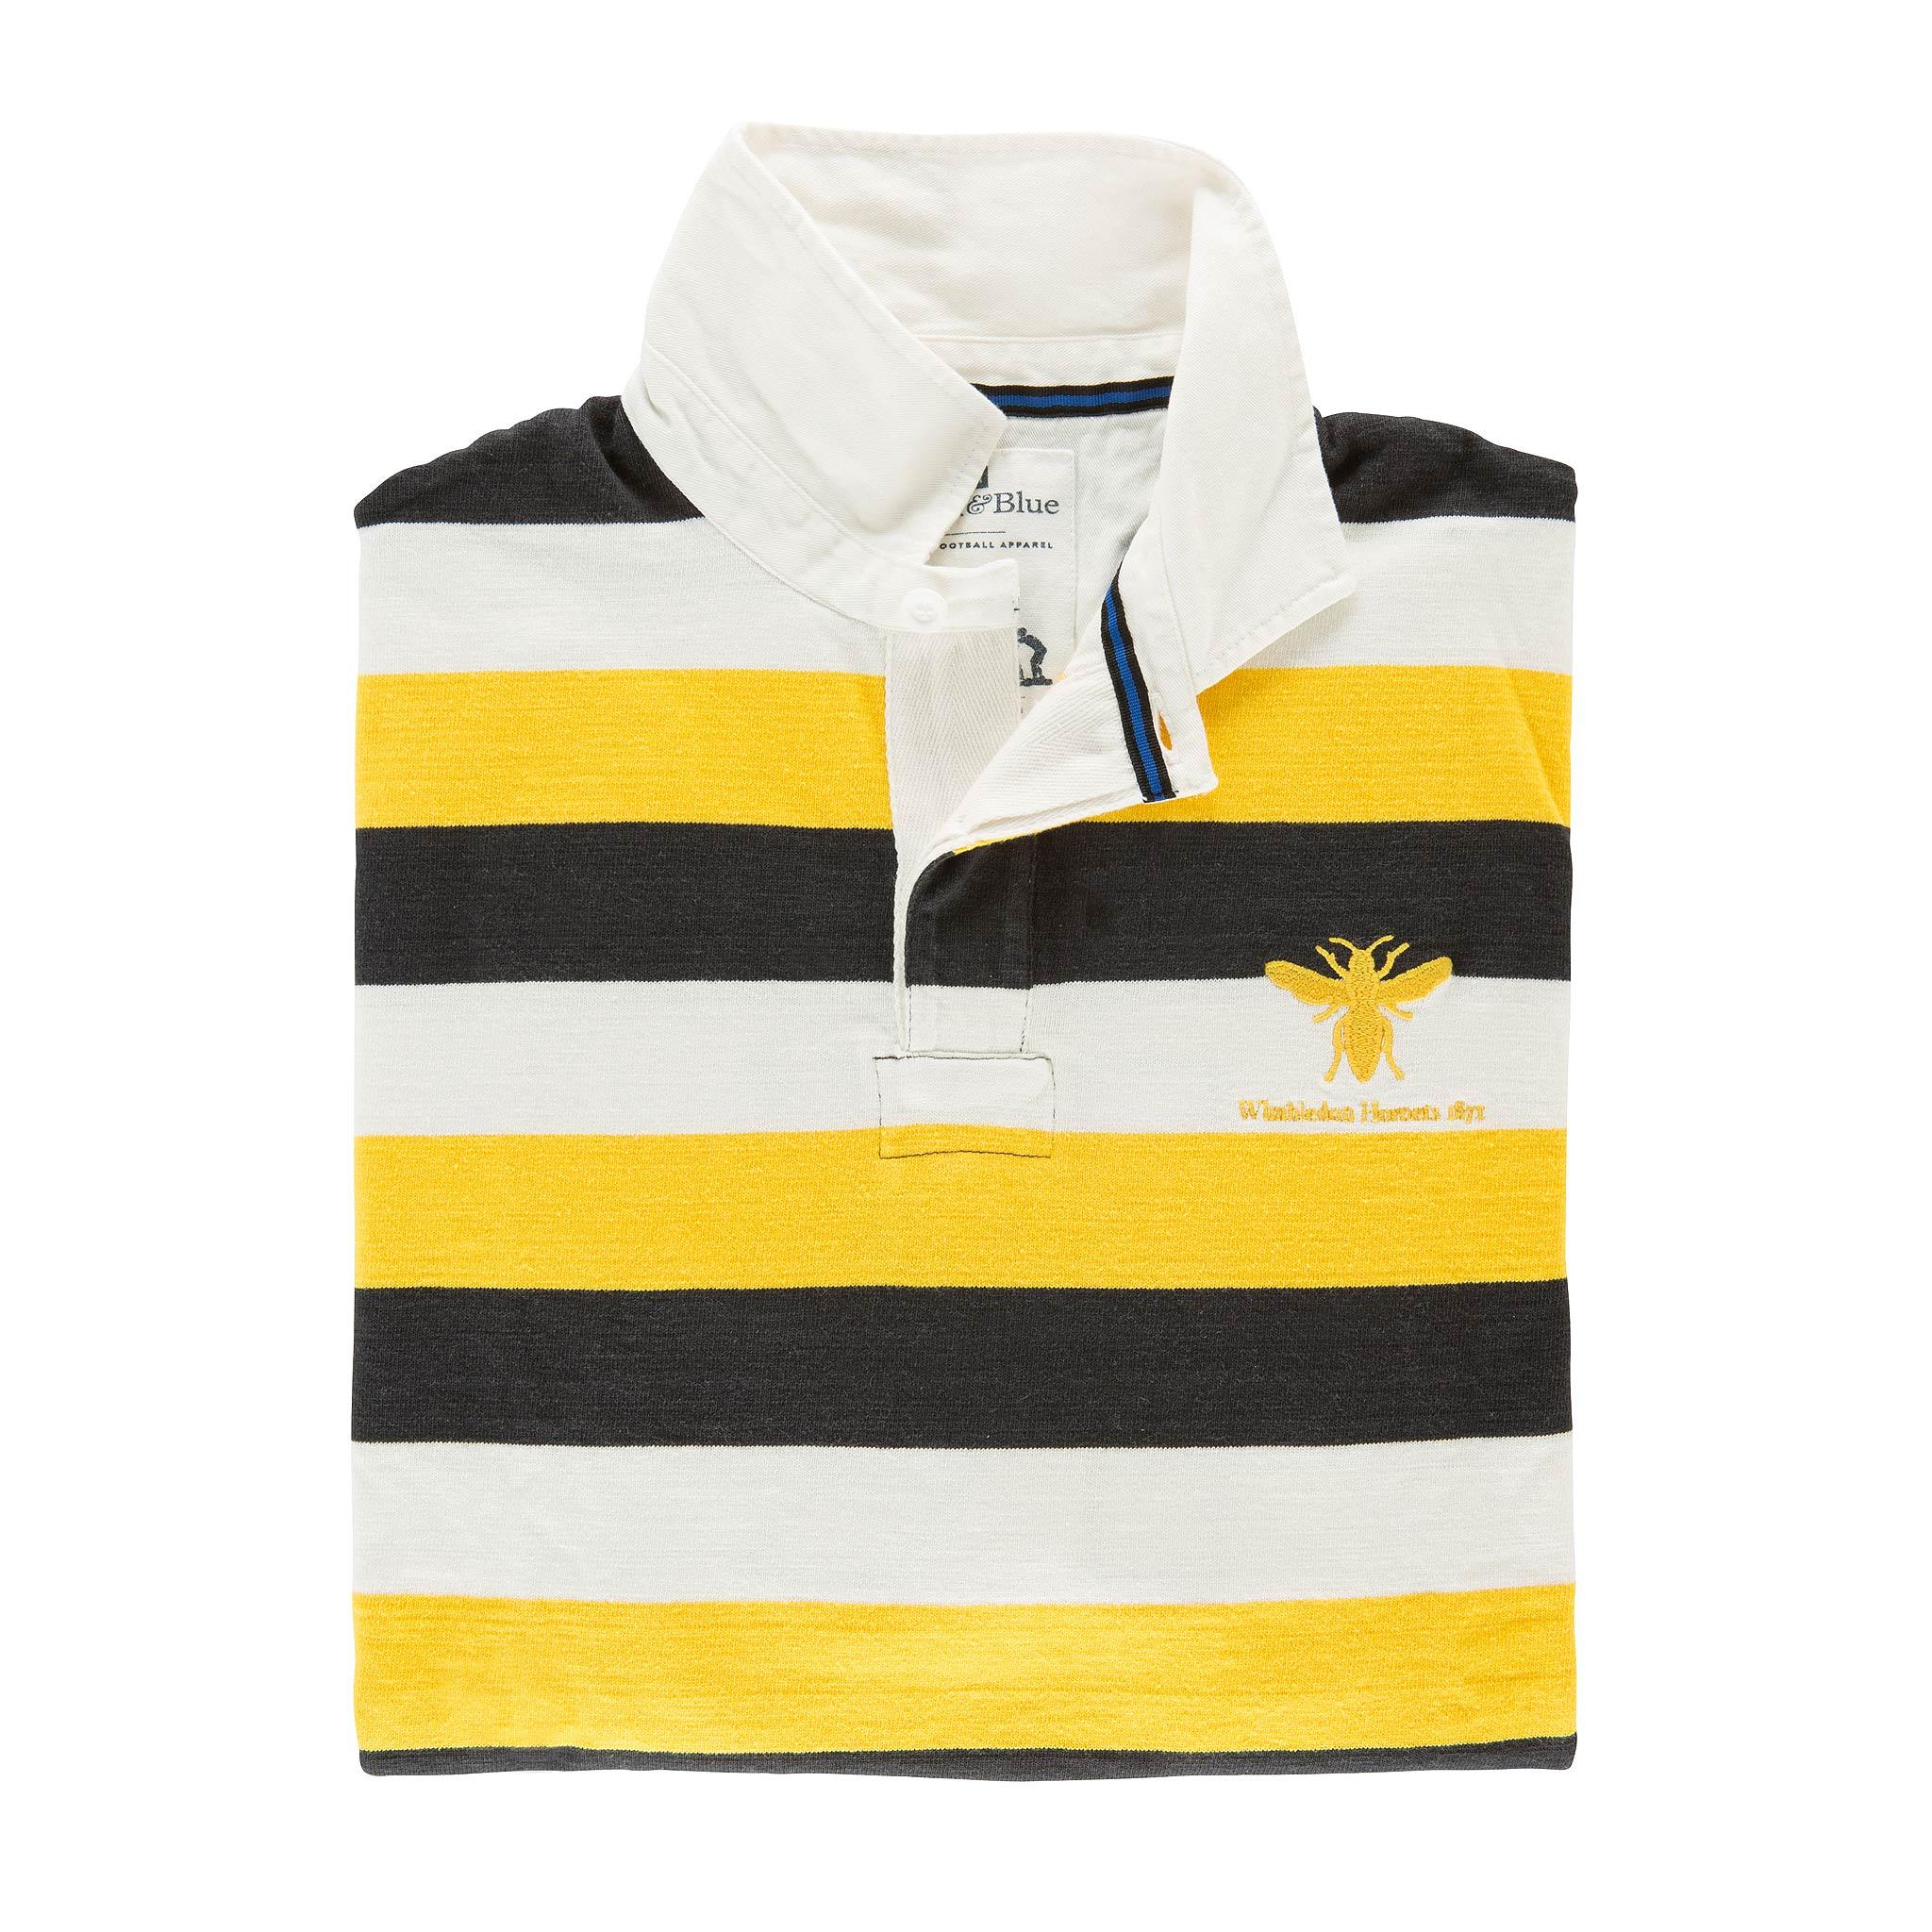 Wimbledon Hornets 1871 Rugby Shirt - folded